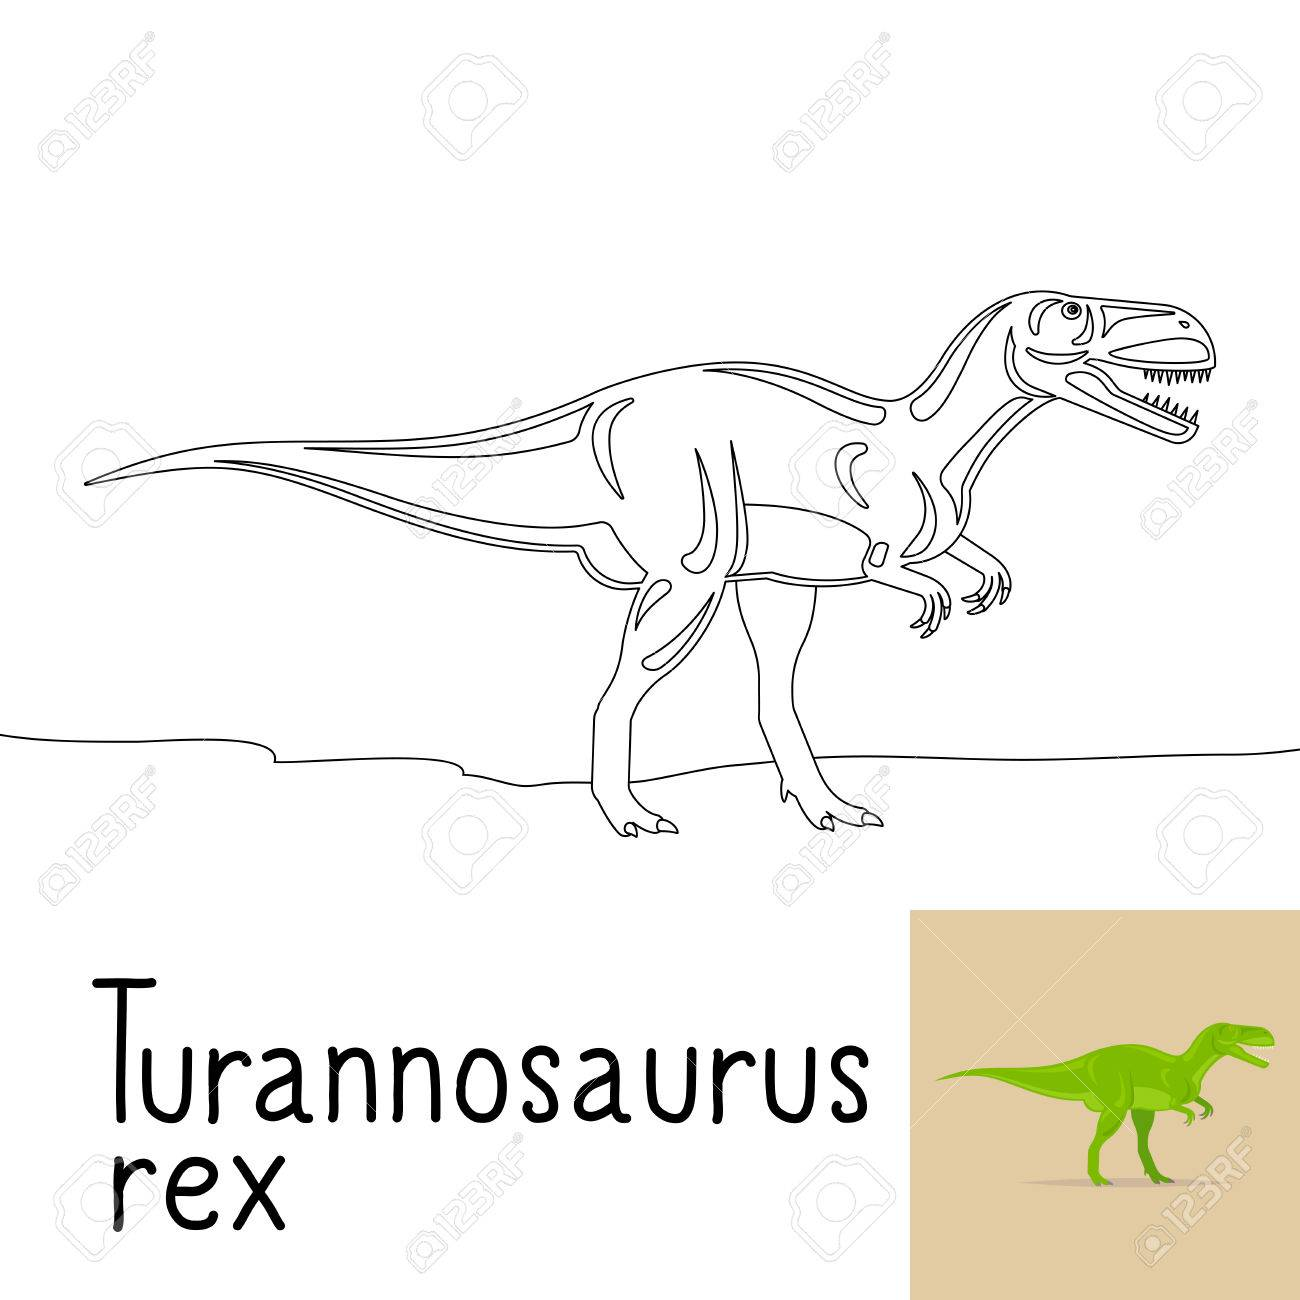 Dibujo Para Colorear Para Los Niños Con Turannosaurus Dinosaurio Rex ...